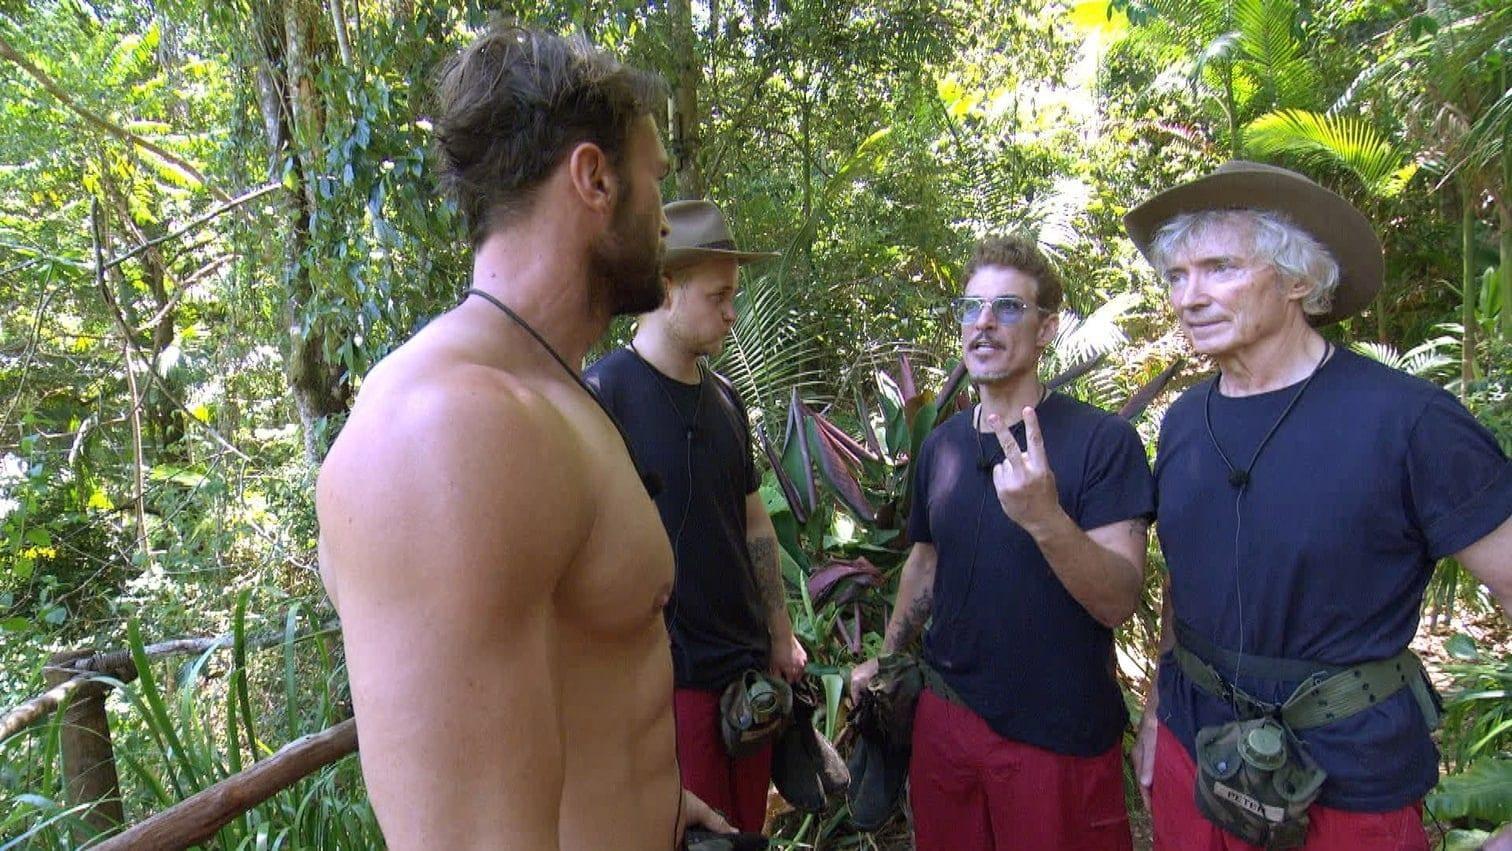 <p>Der Grund? Chris ist von der Team-Leistung und seiner eigenen Leistung bei der Dschungelprüfung alles andere als begeistert.</p> Foto: TV NOW